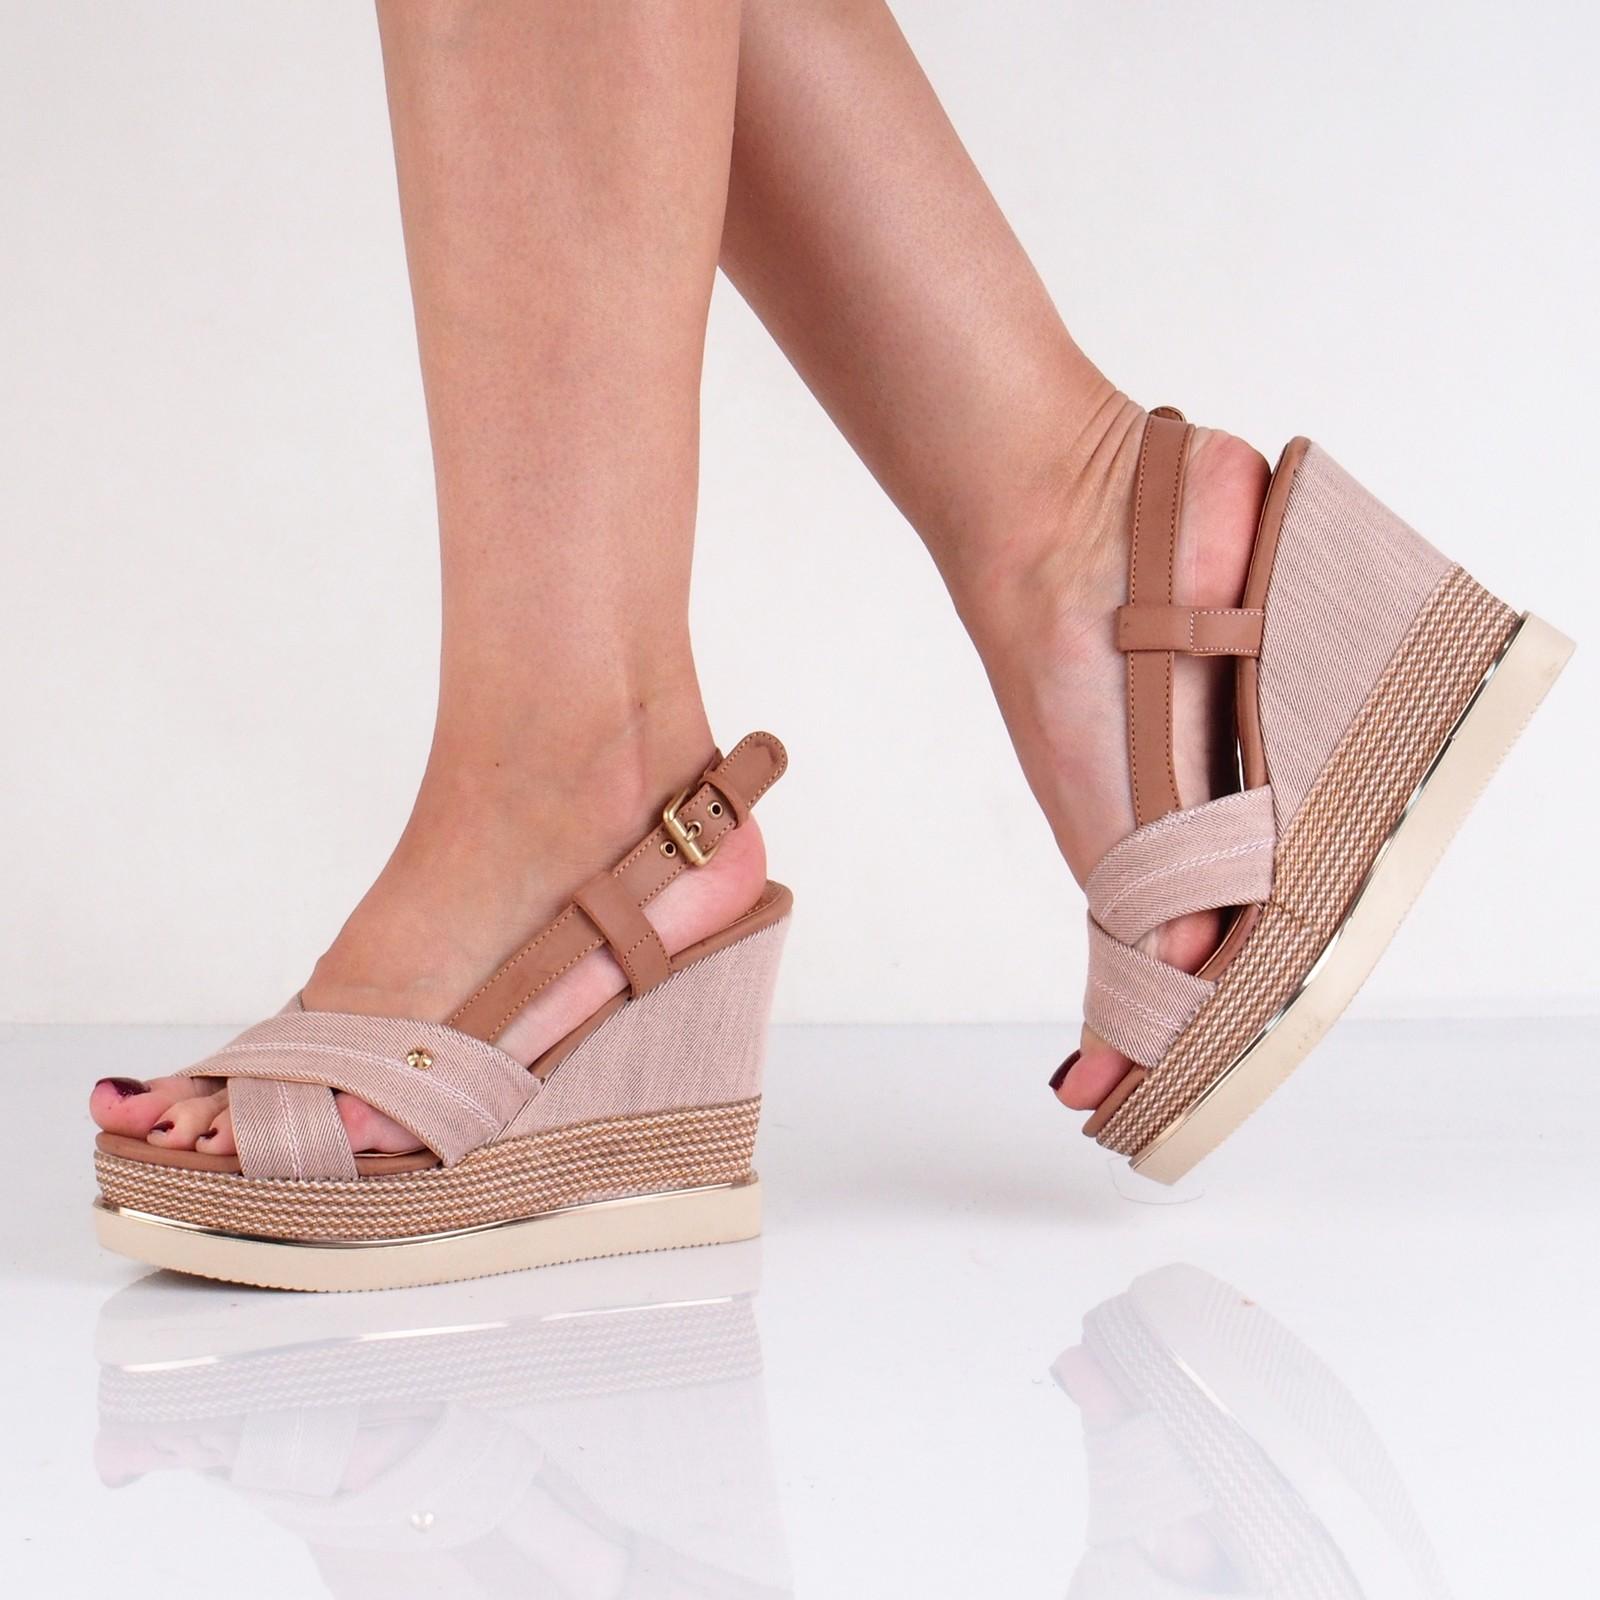 6d5cf8d0a80ab Wrangler dámske štýlové sandále na klinovej podrážke - ružové ...